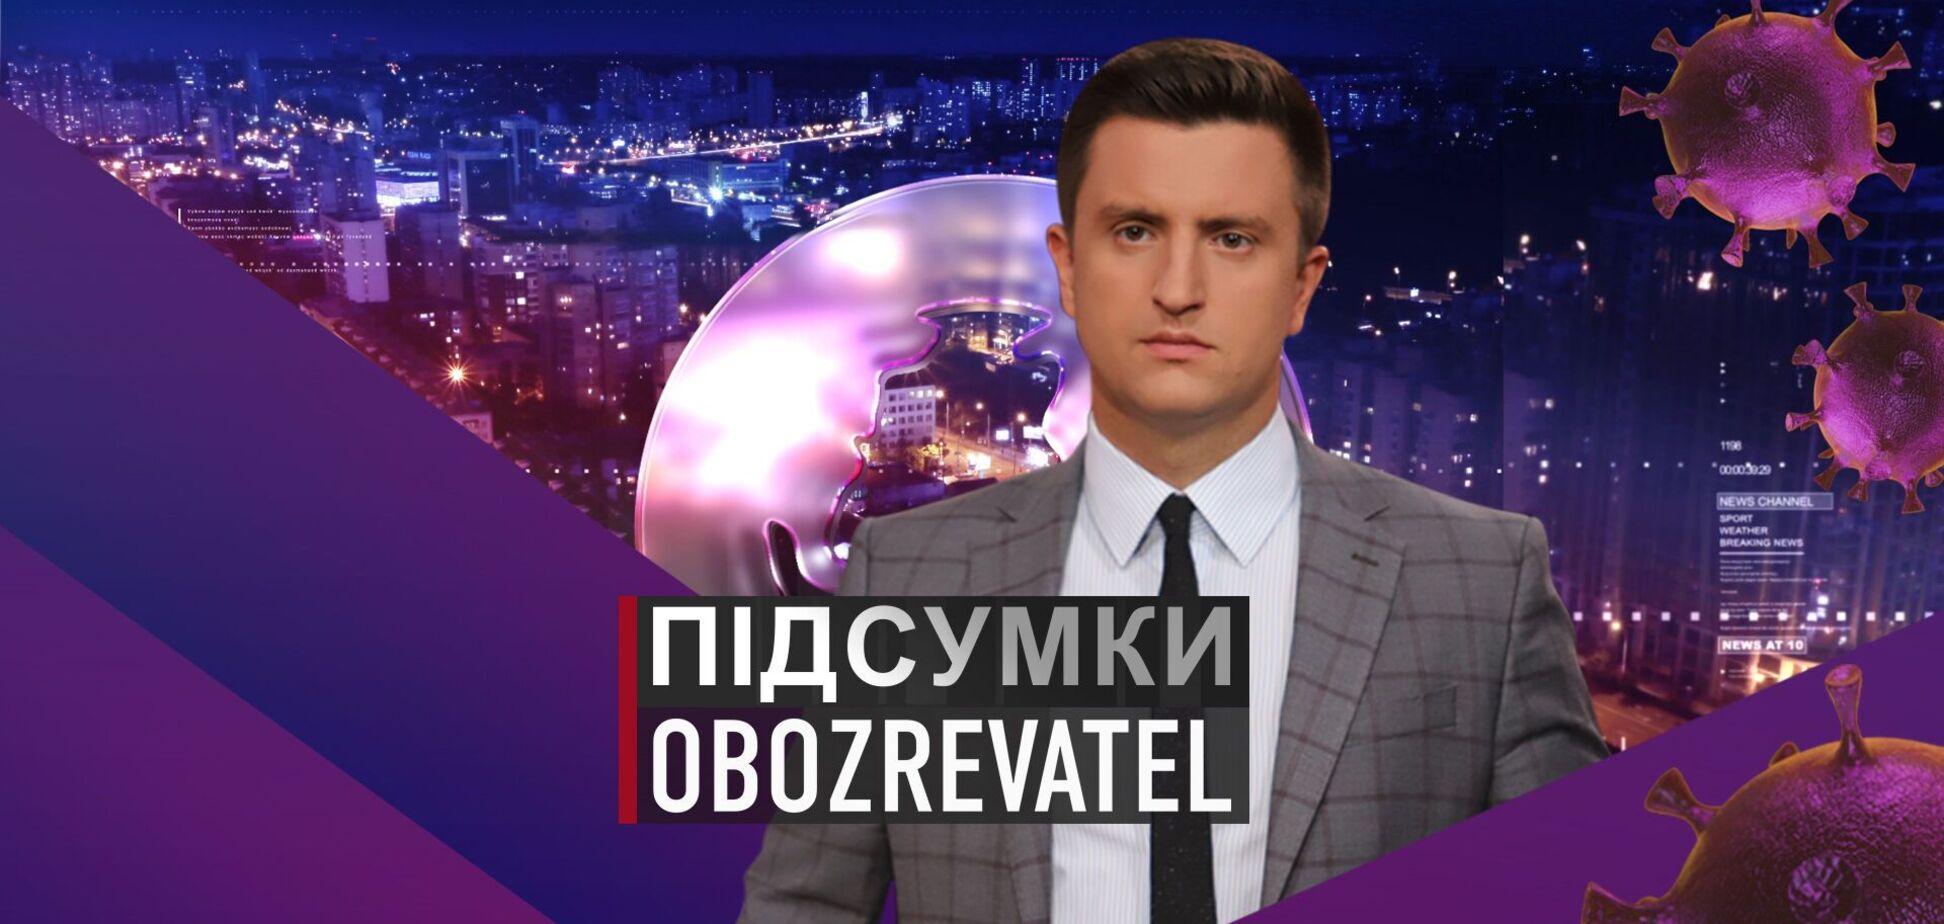 Підсумки з Вадимом Колодійчуком. Середа, 26 травня